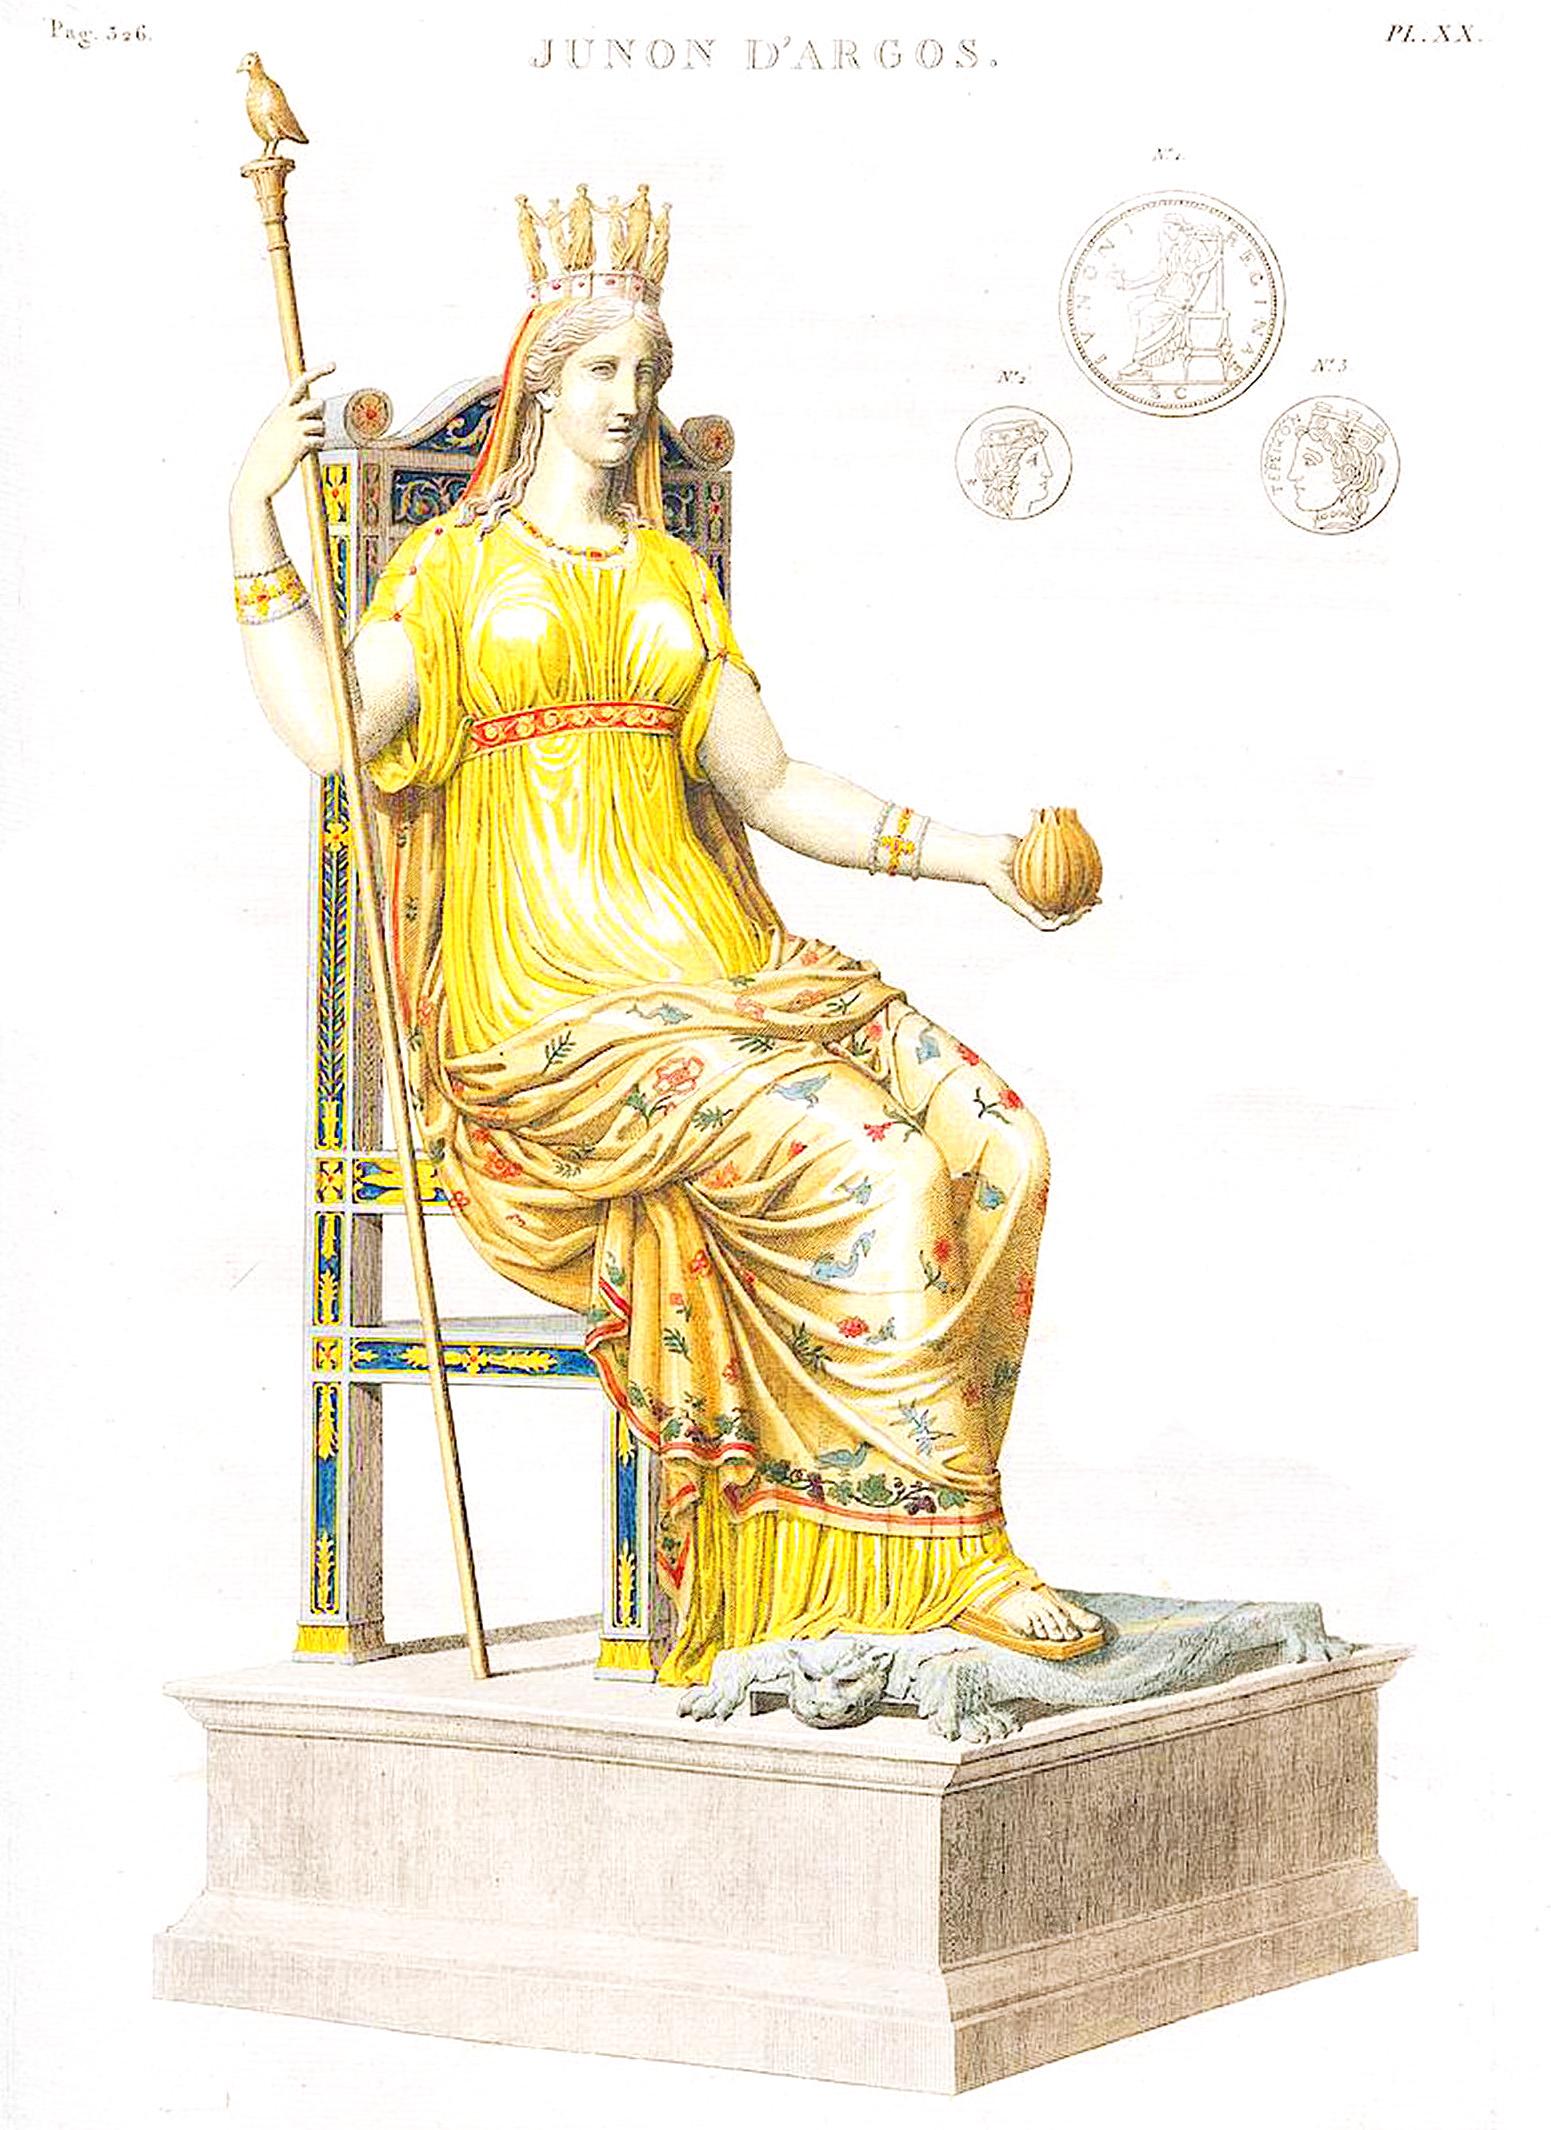 20. Юнона в храме Аргосе Junon d'Argos